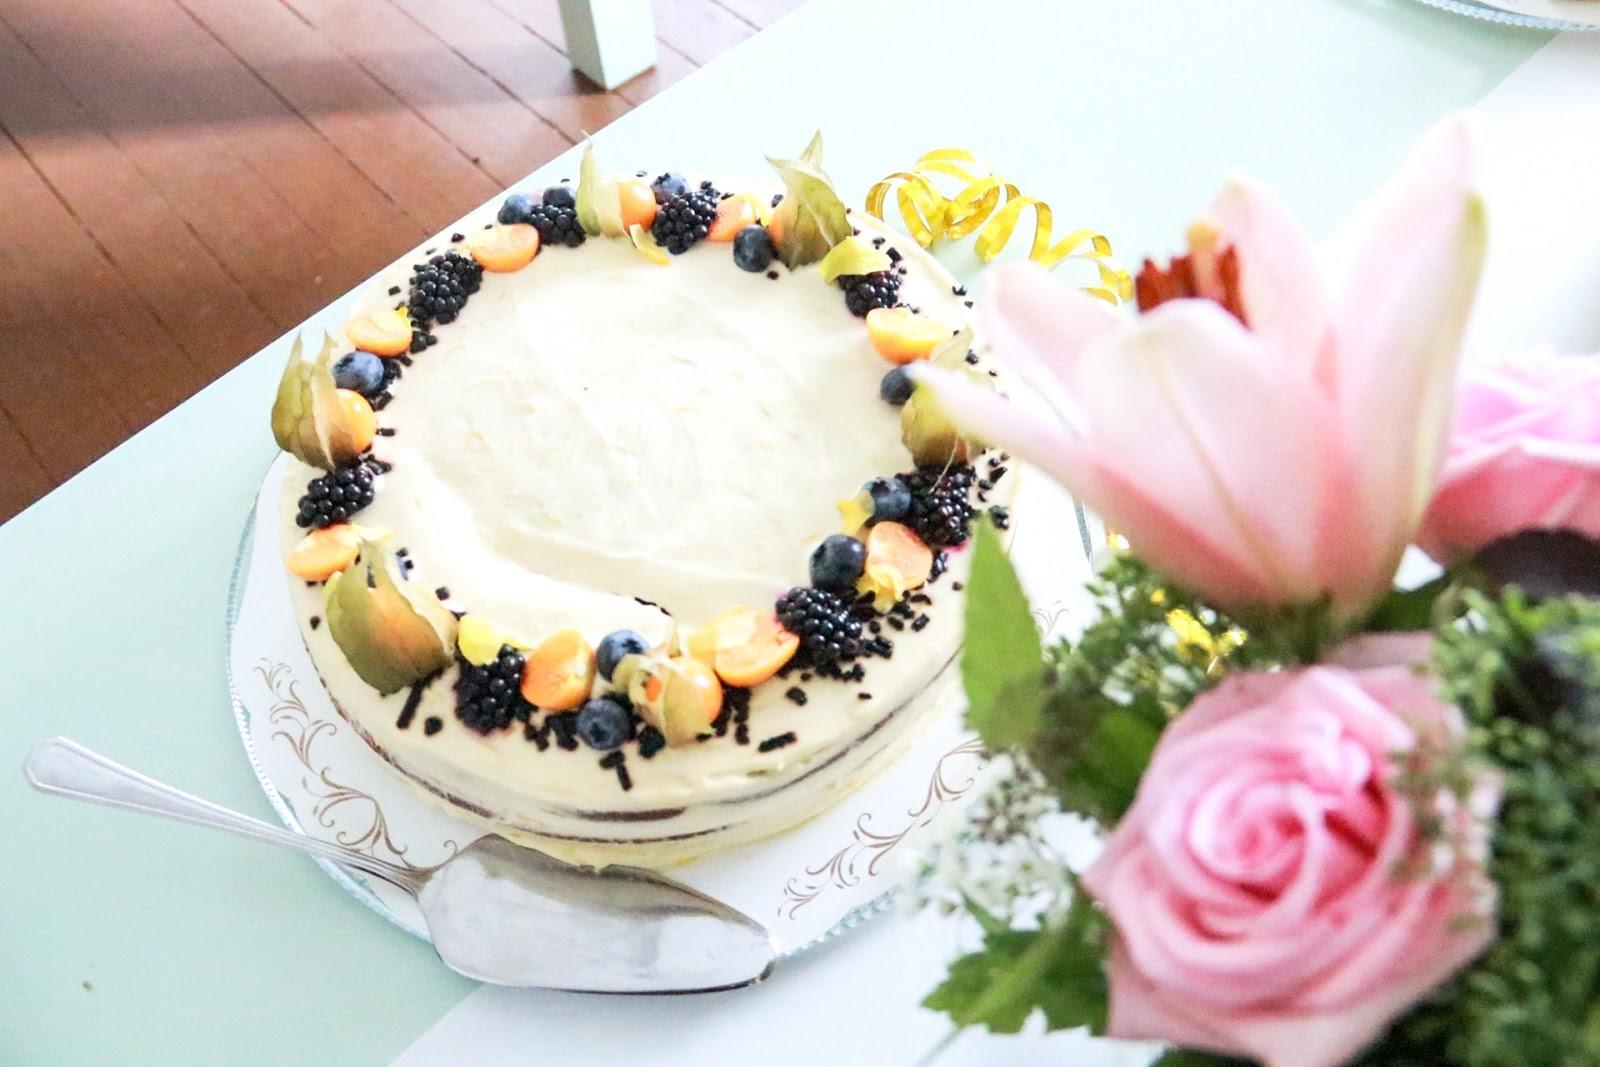 Sitruuna salmiakki kakku, Viikkokatsaus, Maitokahvimedia, lanseerausjuhla